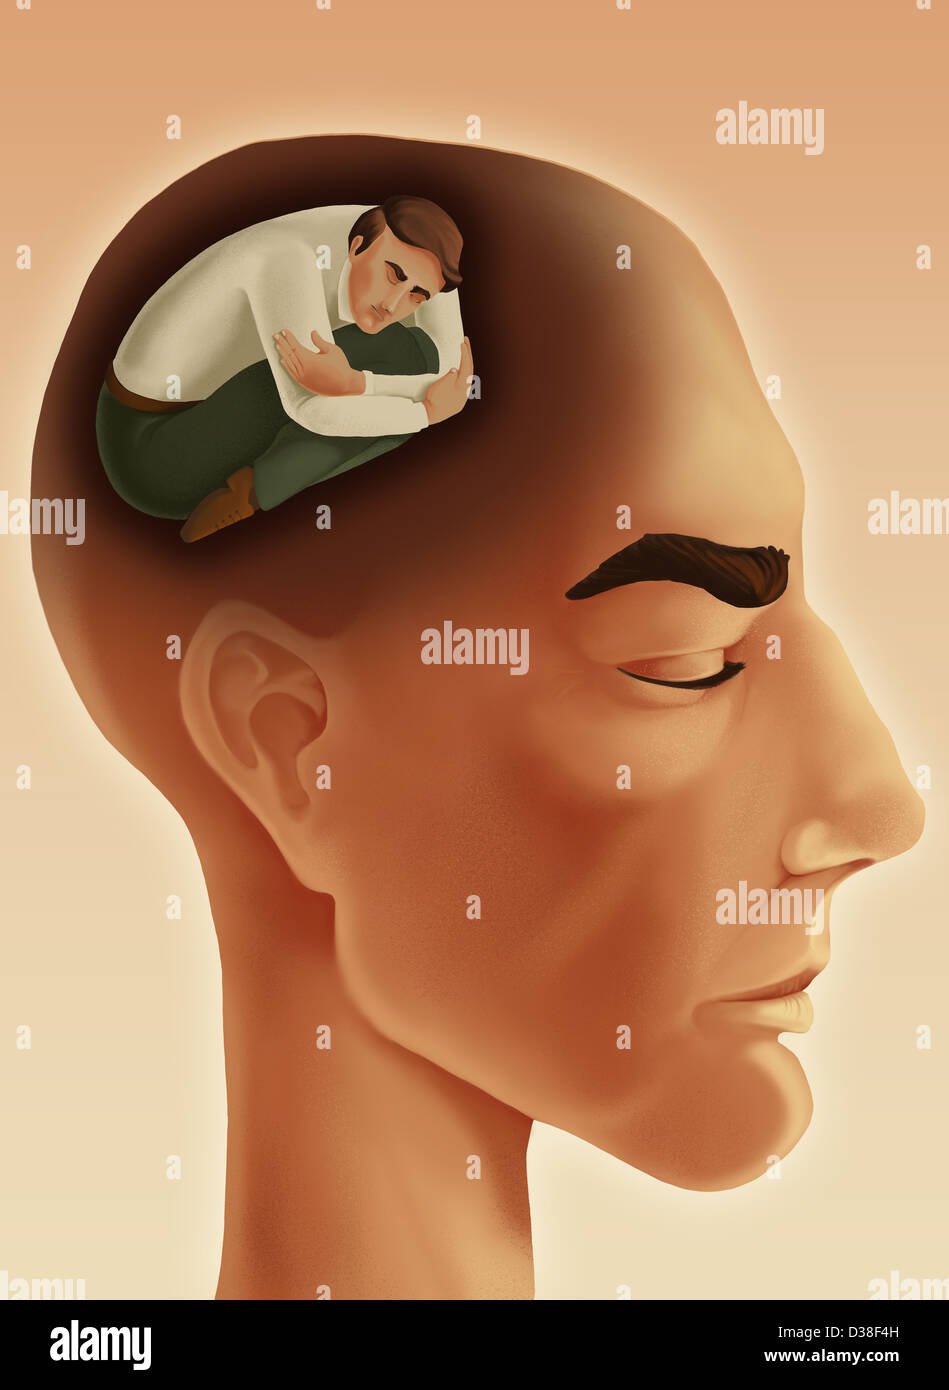 Imagen ilustrativa del hombre reflexivo con los ojos cerrados representando introvertido personalidad Foto de stock